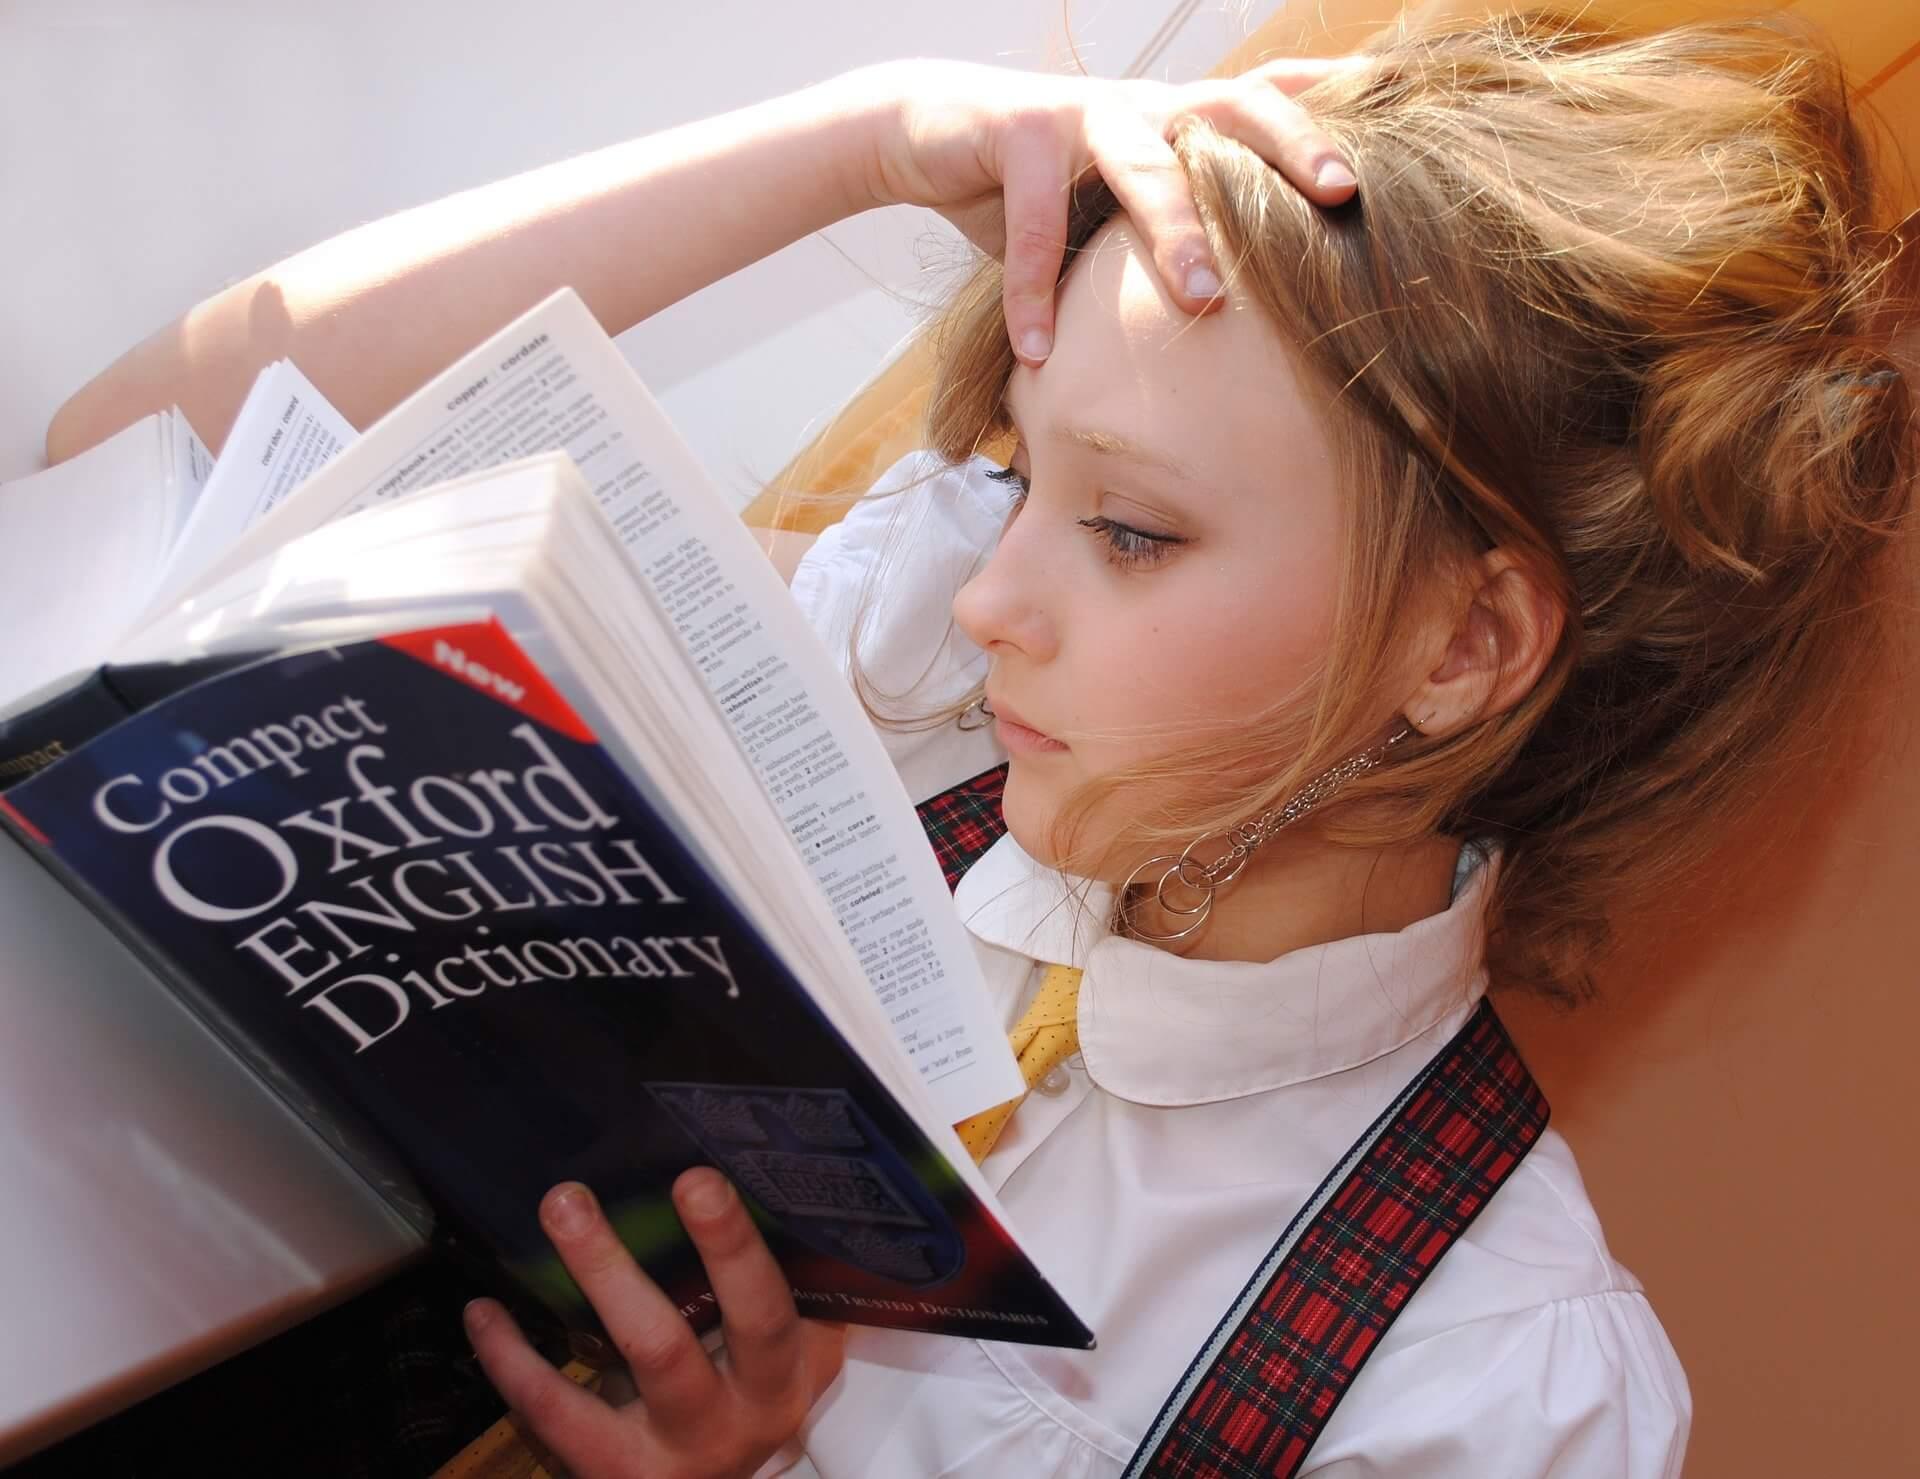 Vemos uma menina lendo um dicionário de inglês (imagem ilustrativa). Texto: franquias brasileiras.